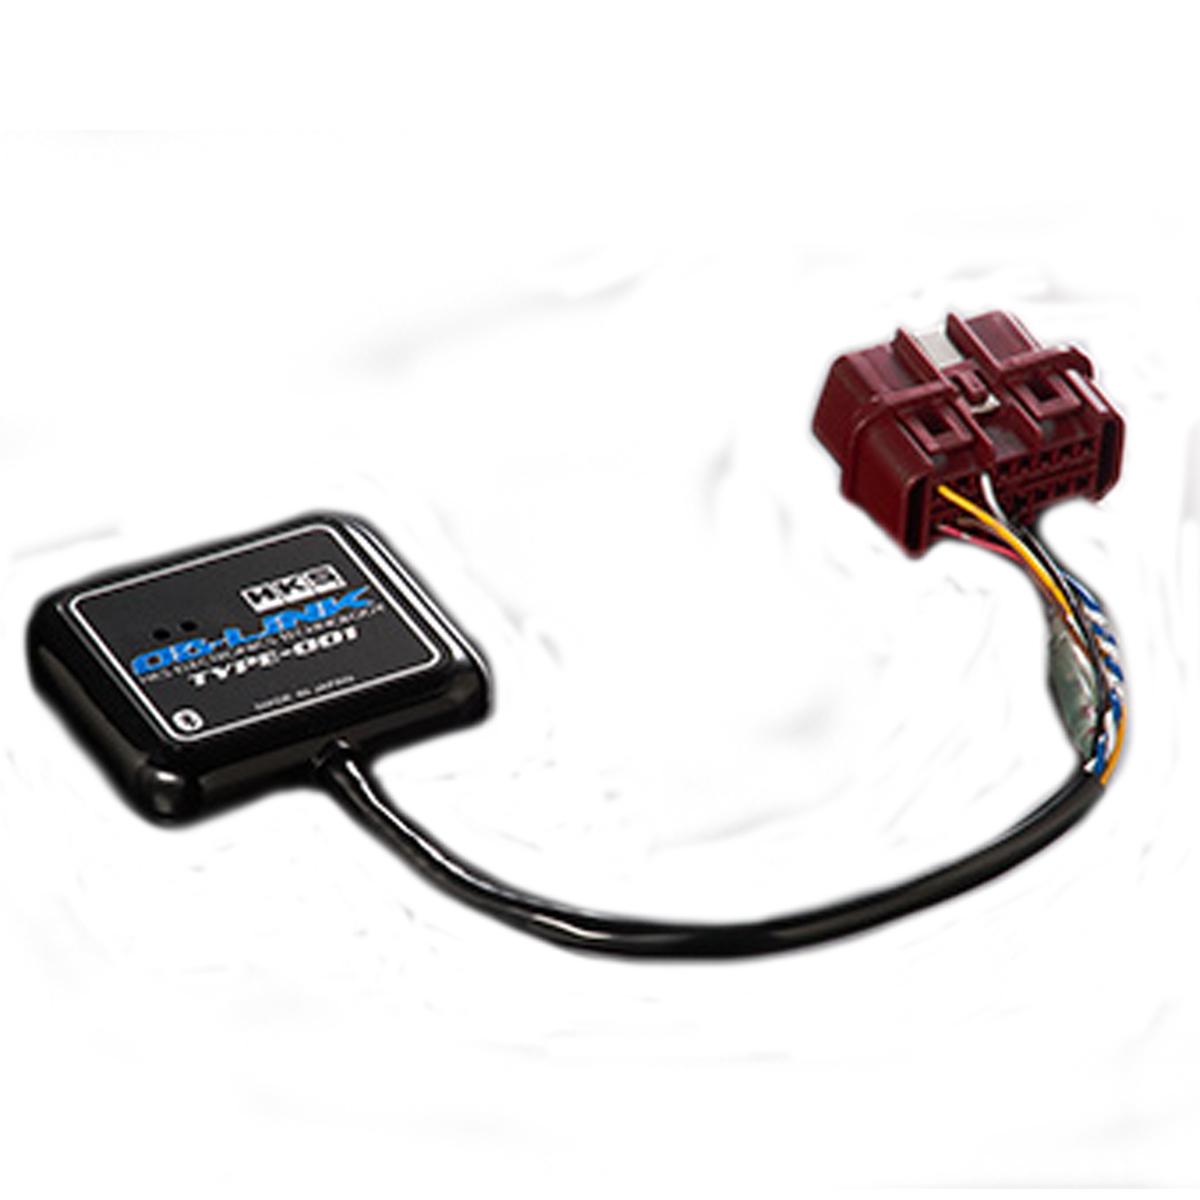 ラフェスタ モニター OBリンク タイプ 001 (N)B30 HKS 44009-AK002 エレクトリニクス